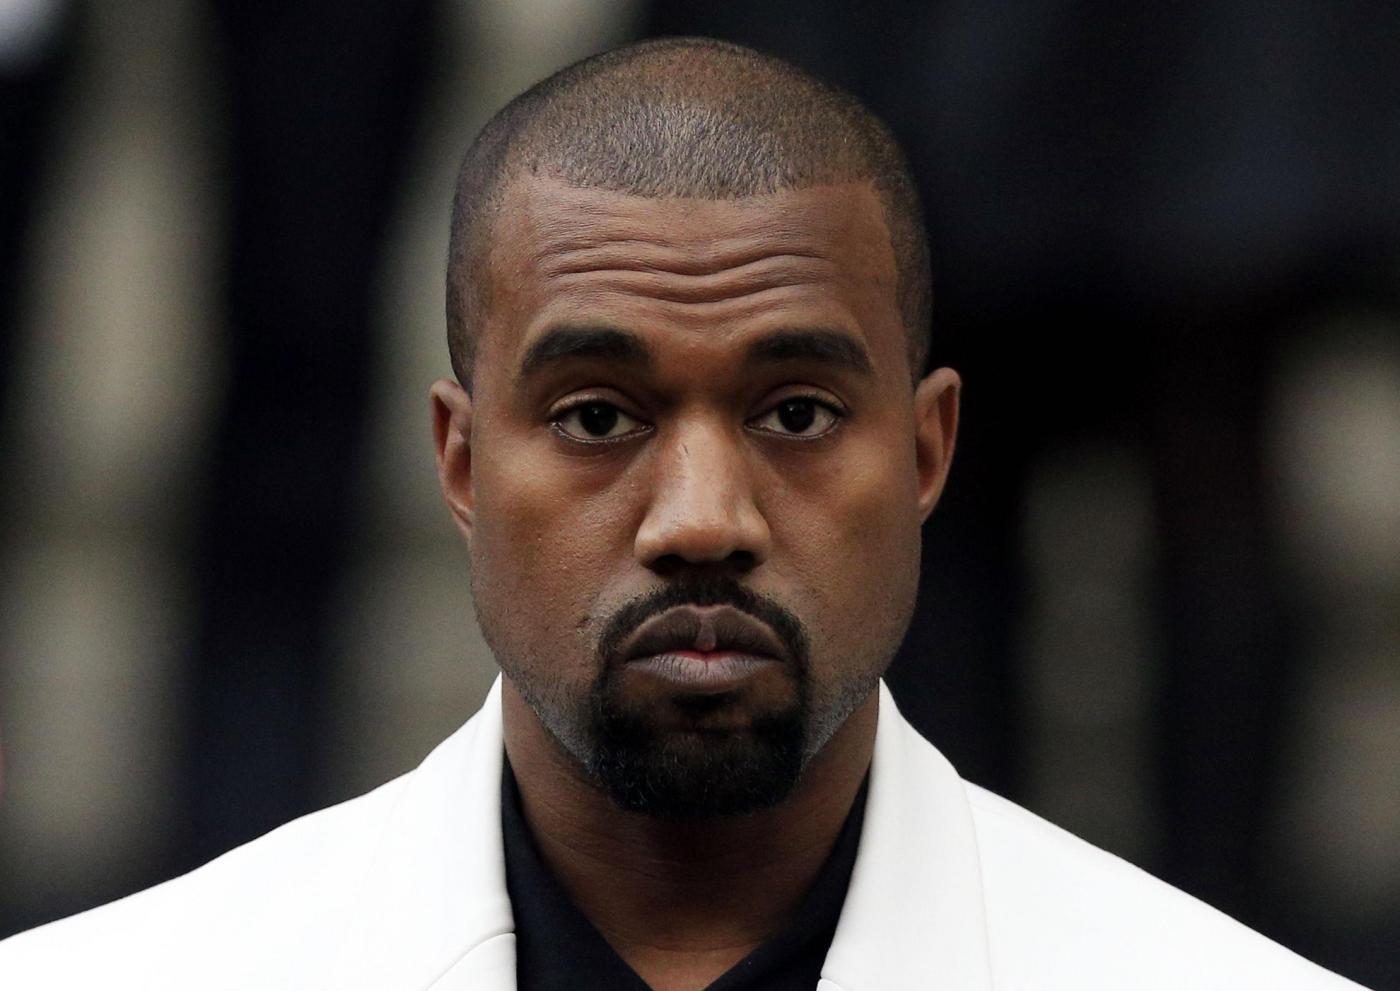 Kanye West ricoverato in ospedale dopo un crollo nervoso